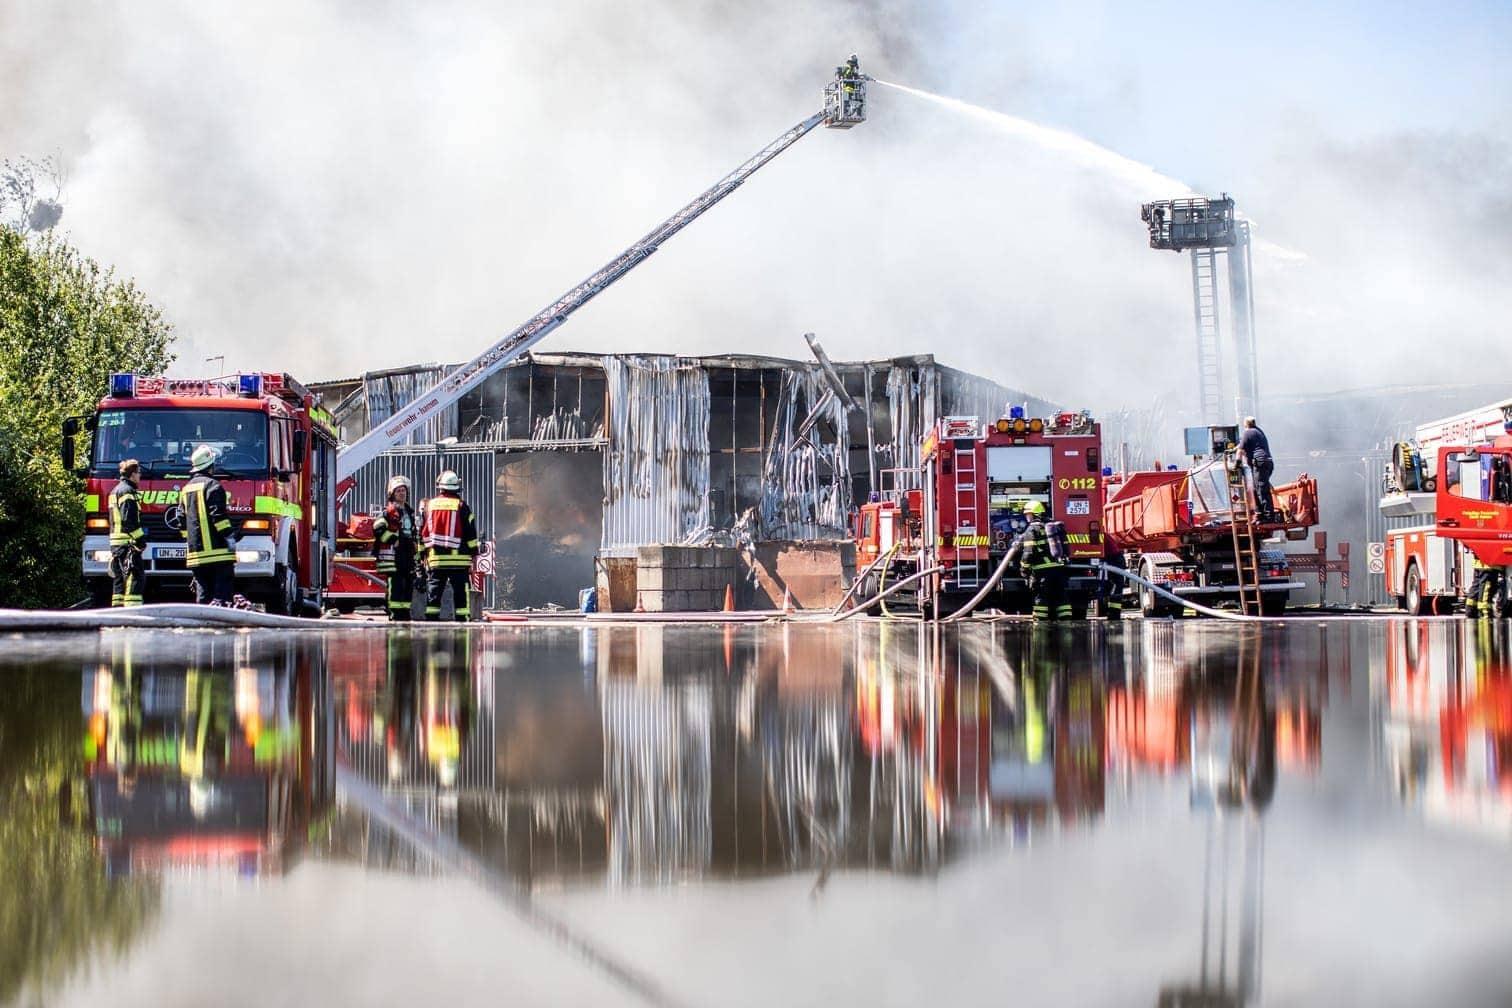 <p>Am späten Sonntagnachmittag sagte ein Sprecher der Feuerwehr